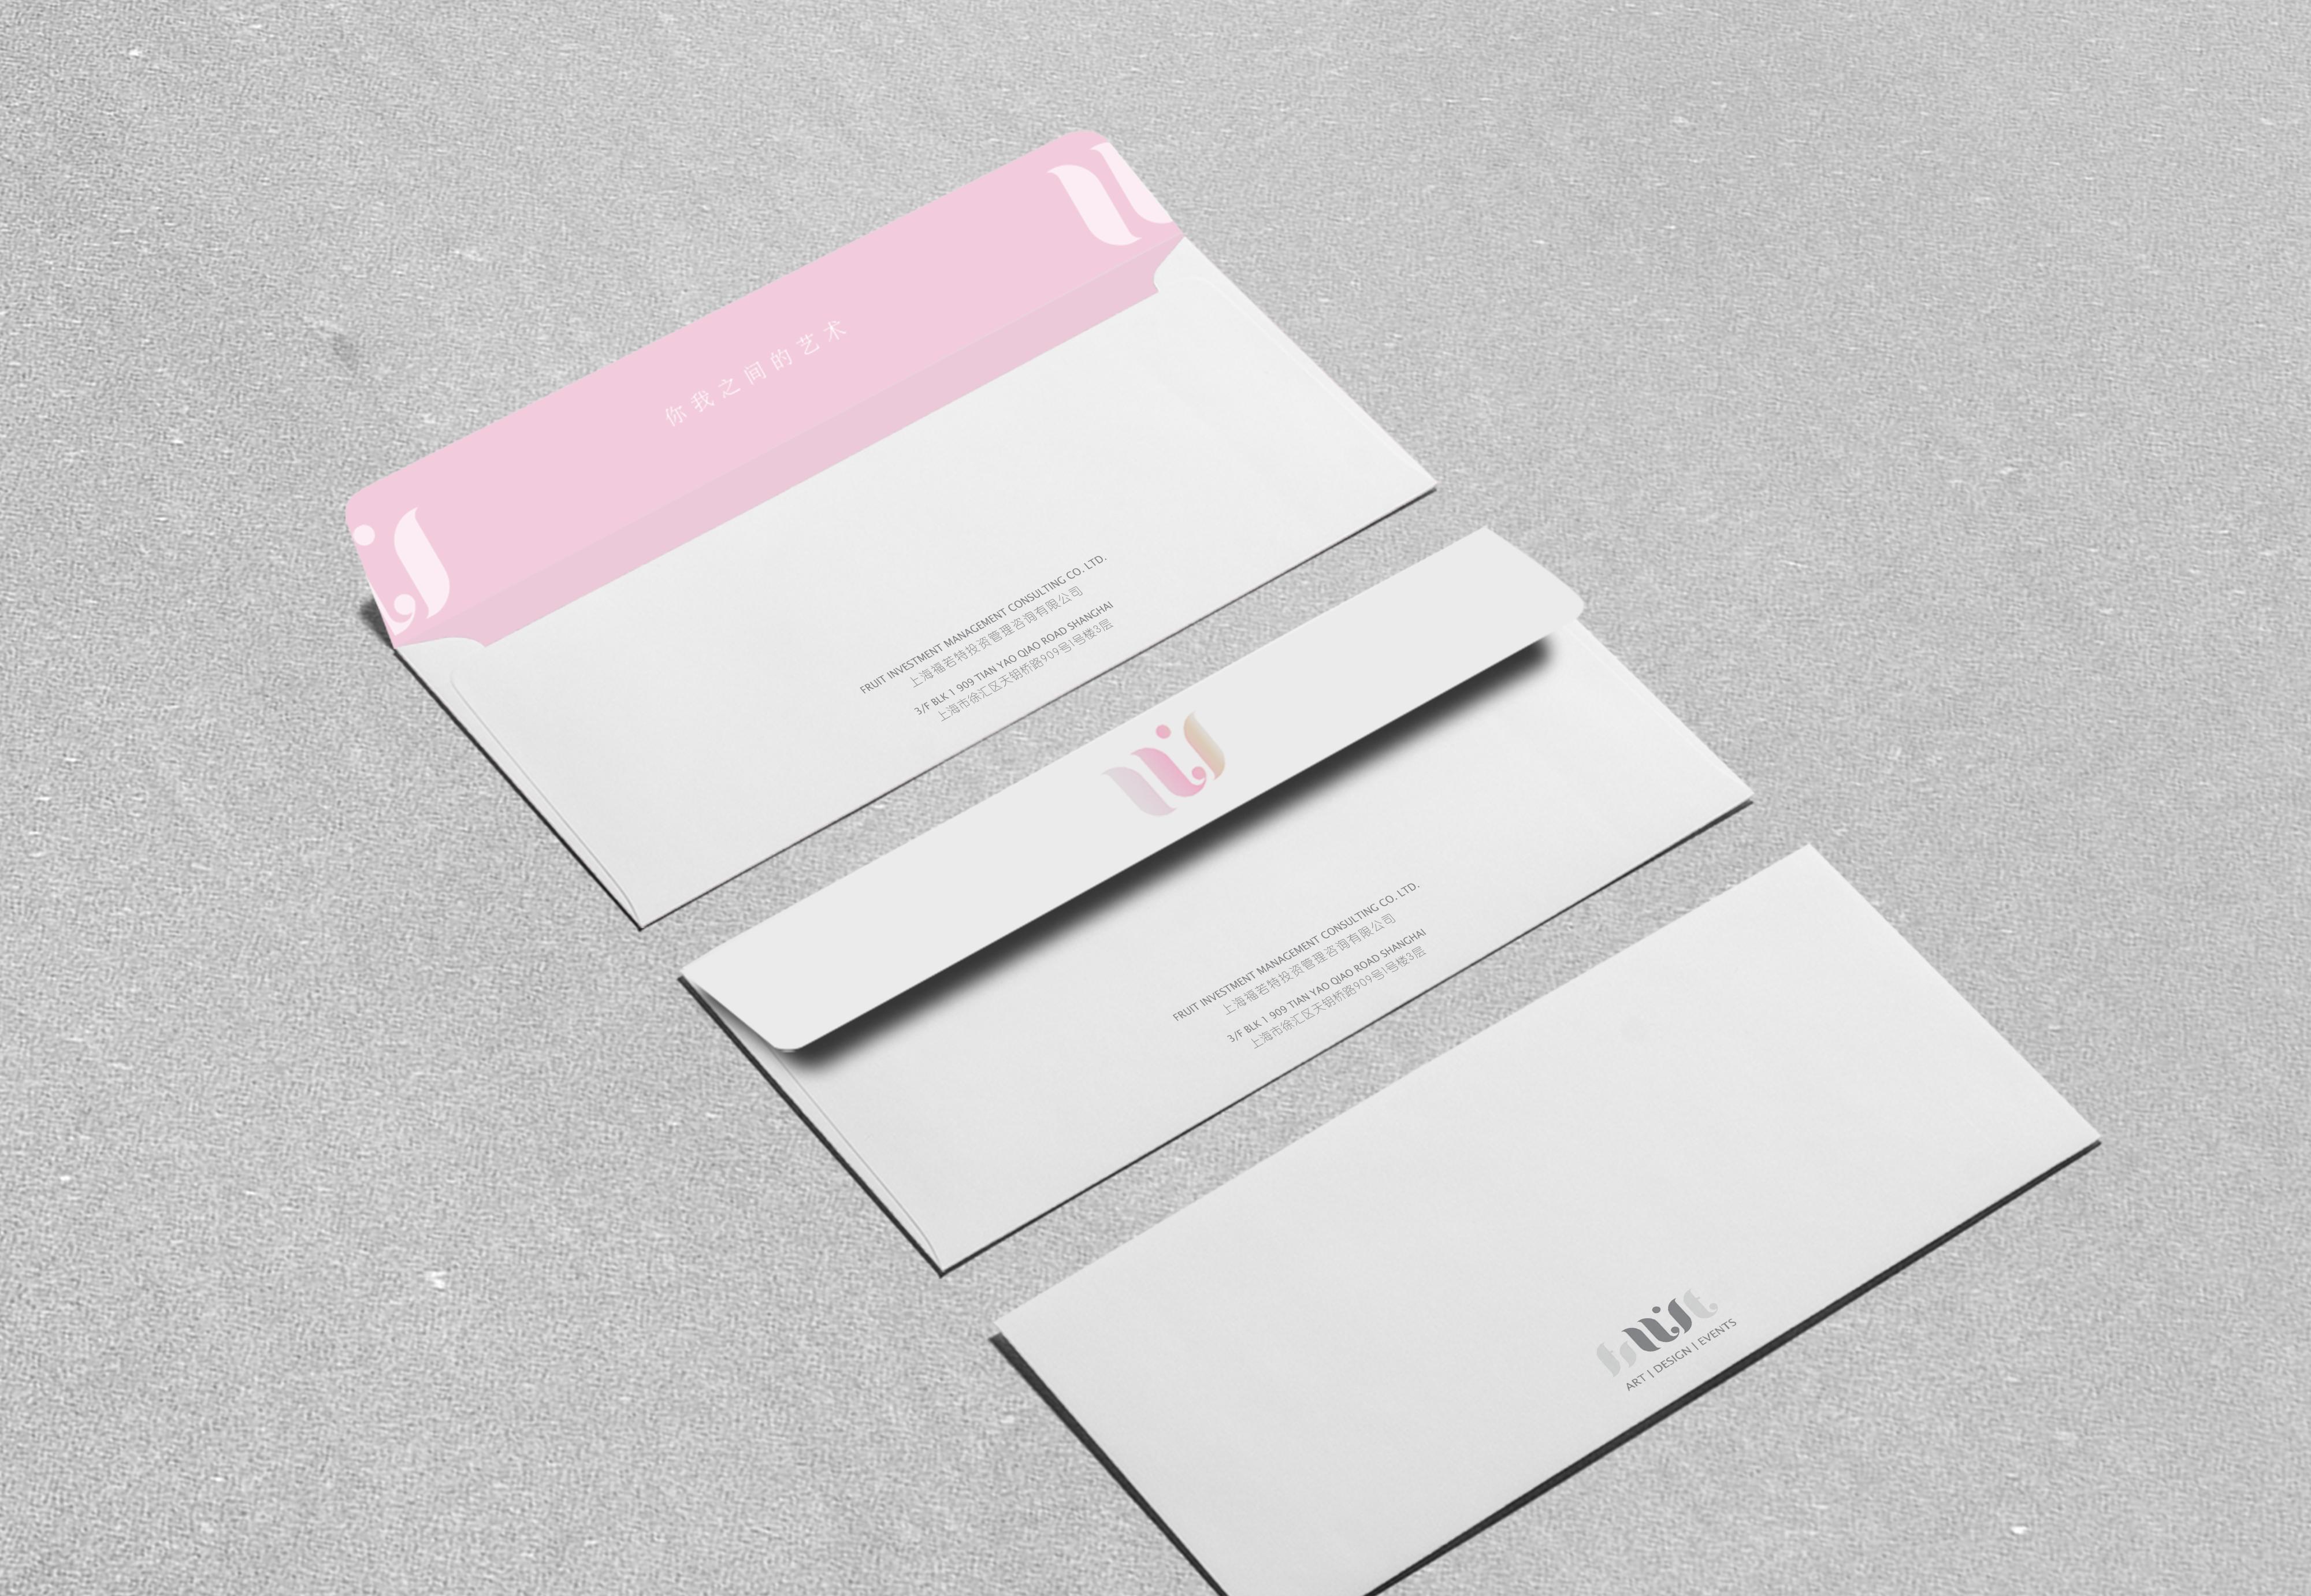 查看《UI Branding Design》原图,原图尺寸:4000x2763